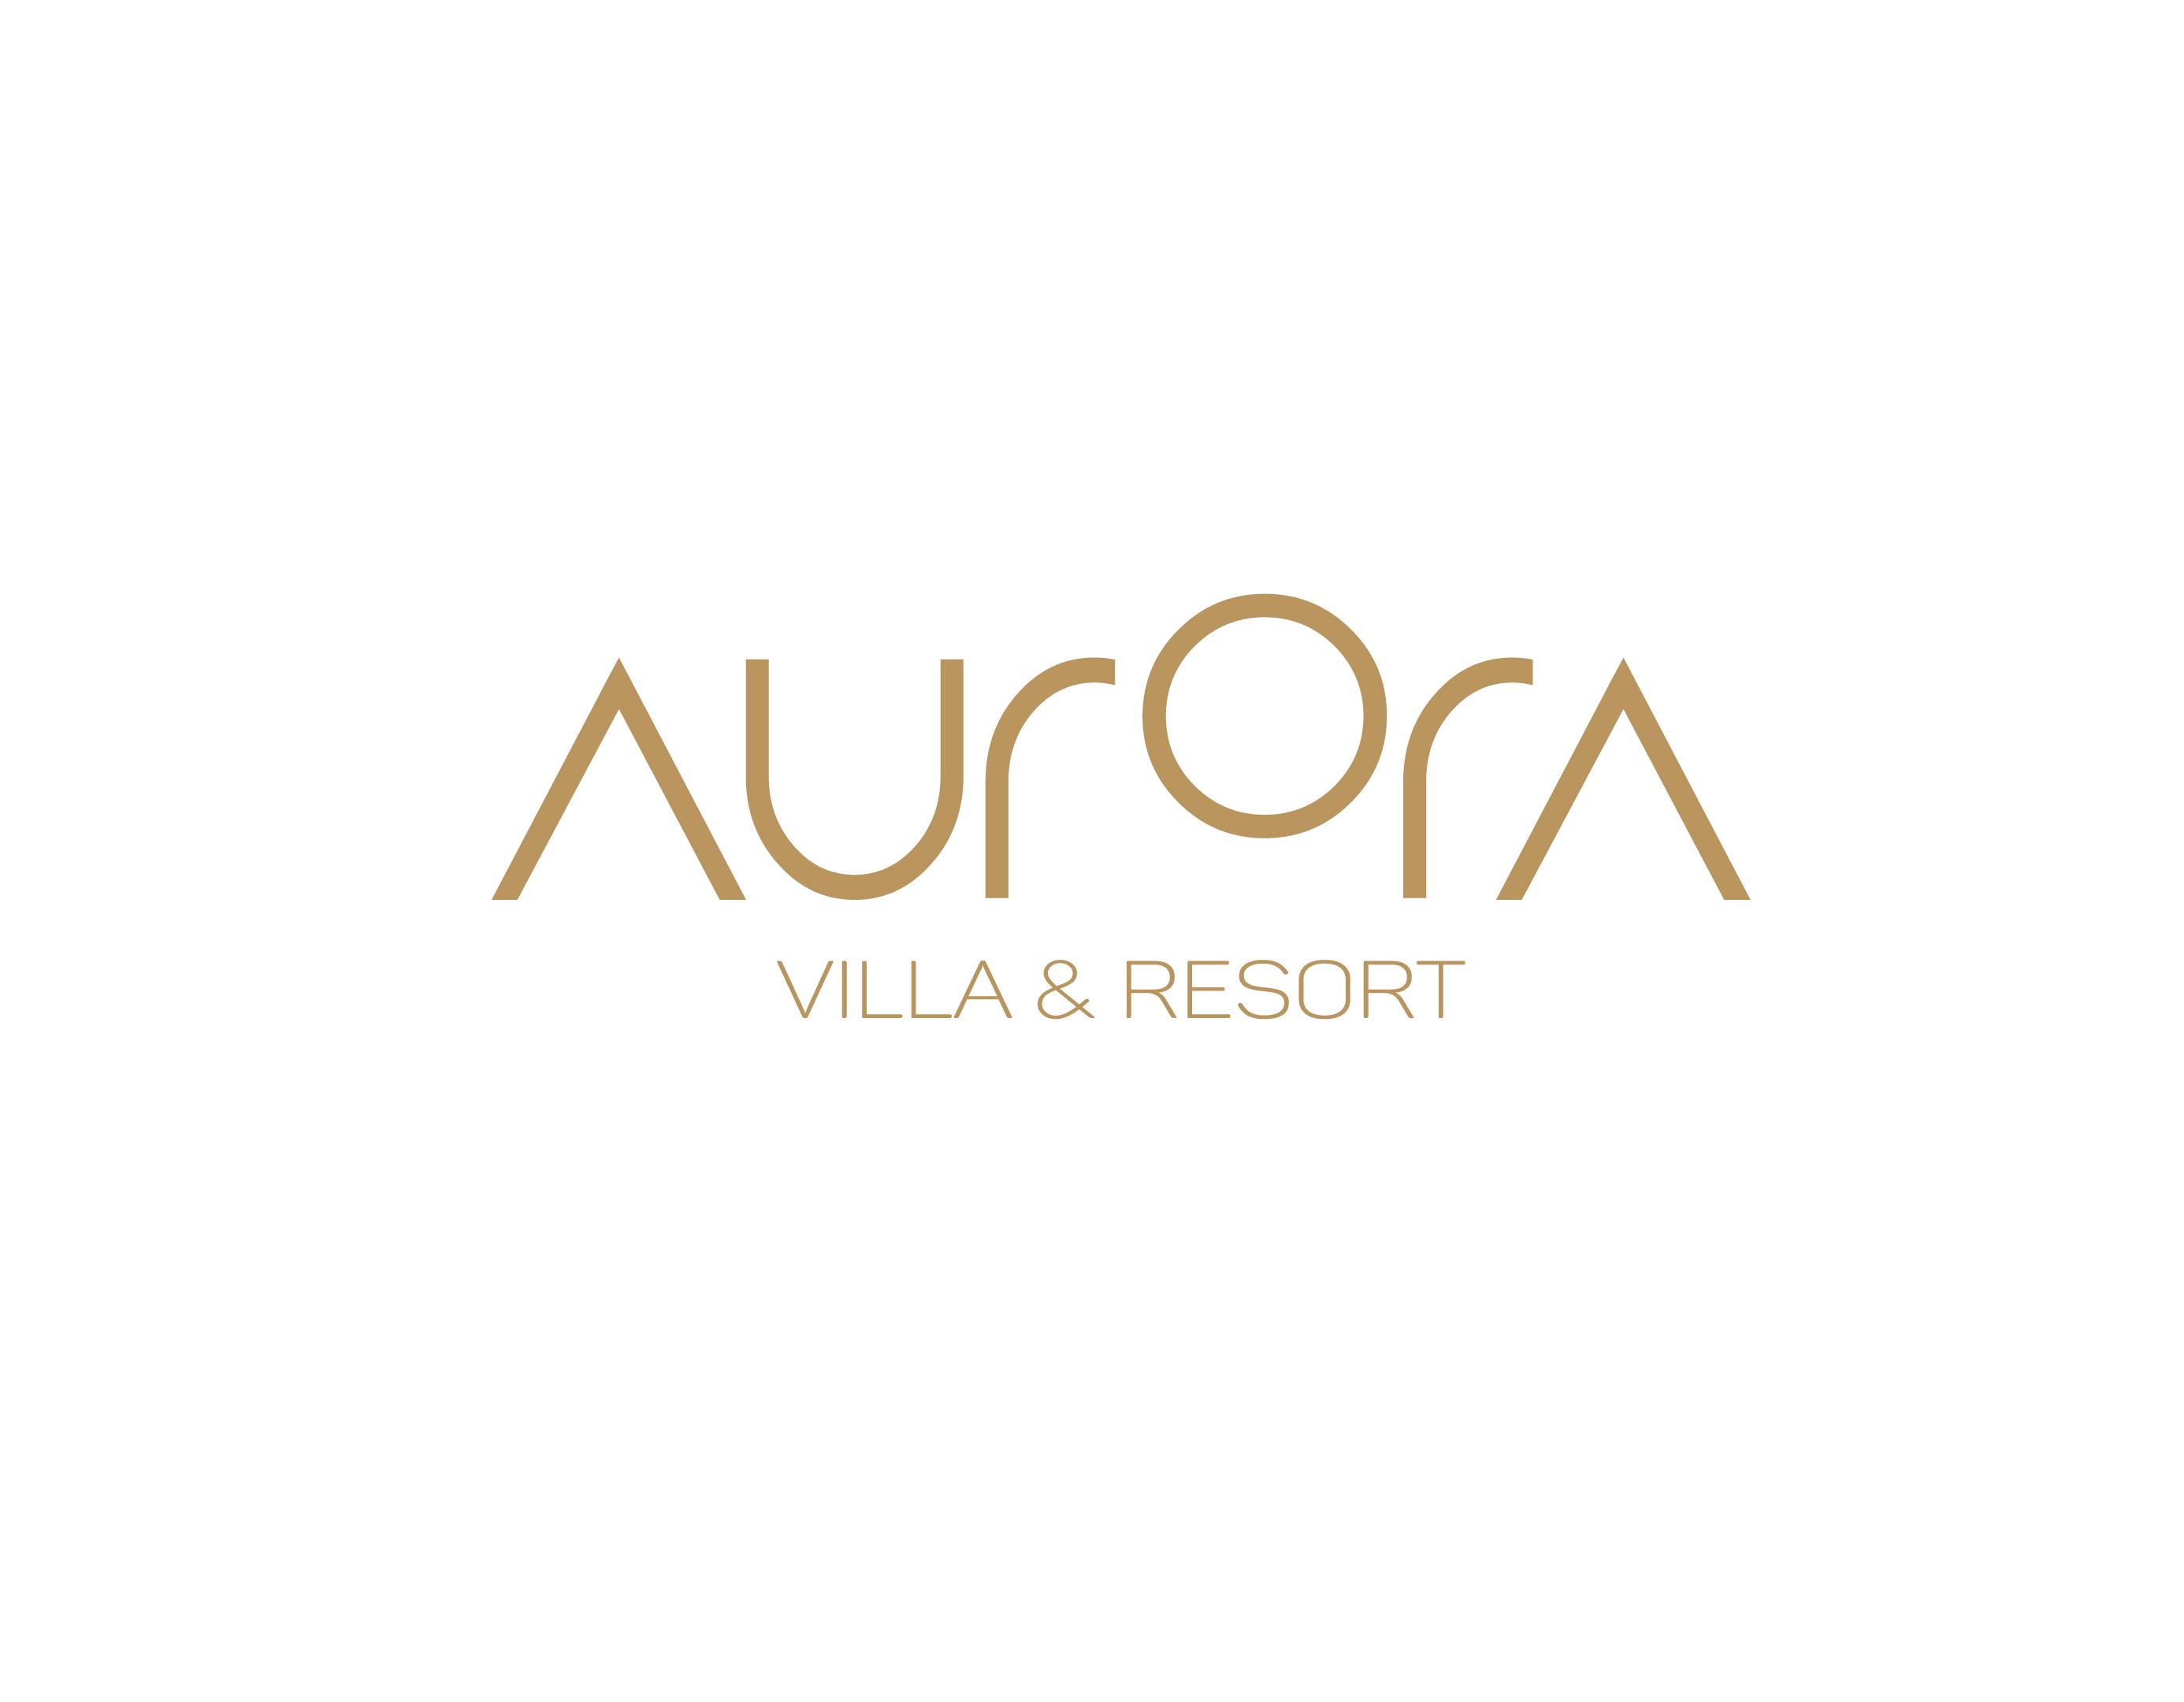 LOGO_Aurora (4)